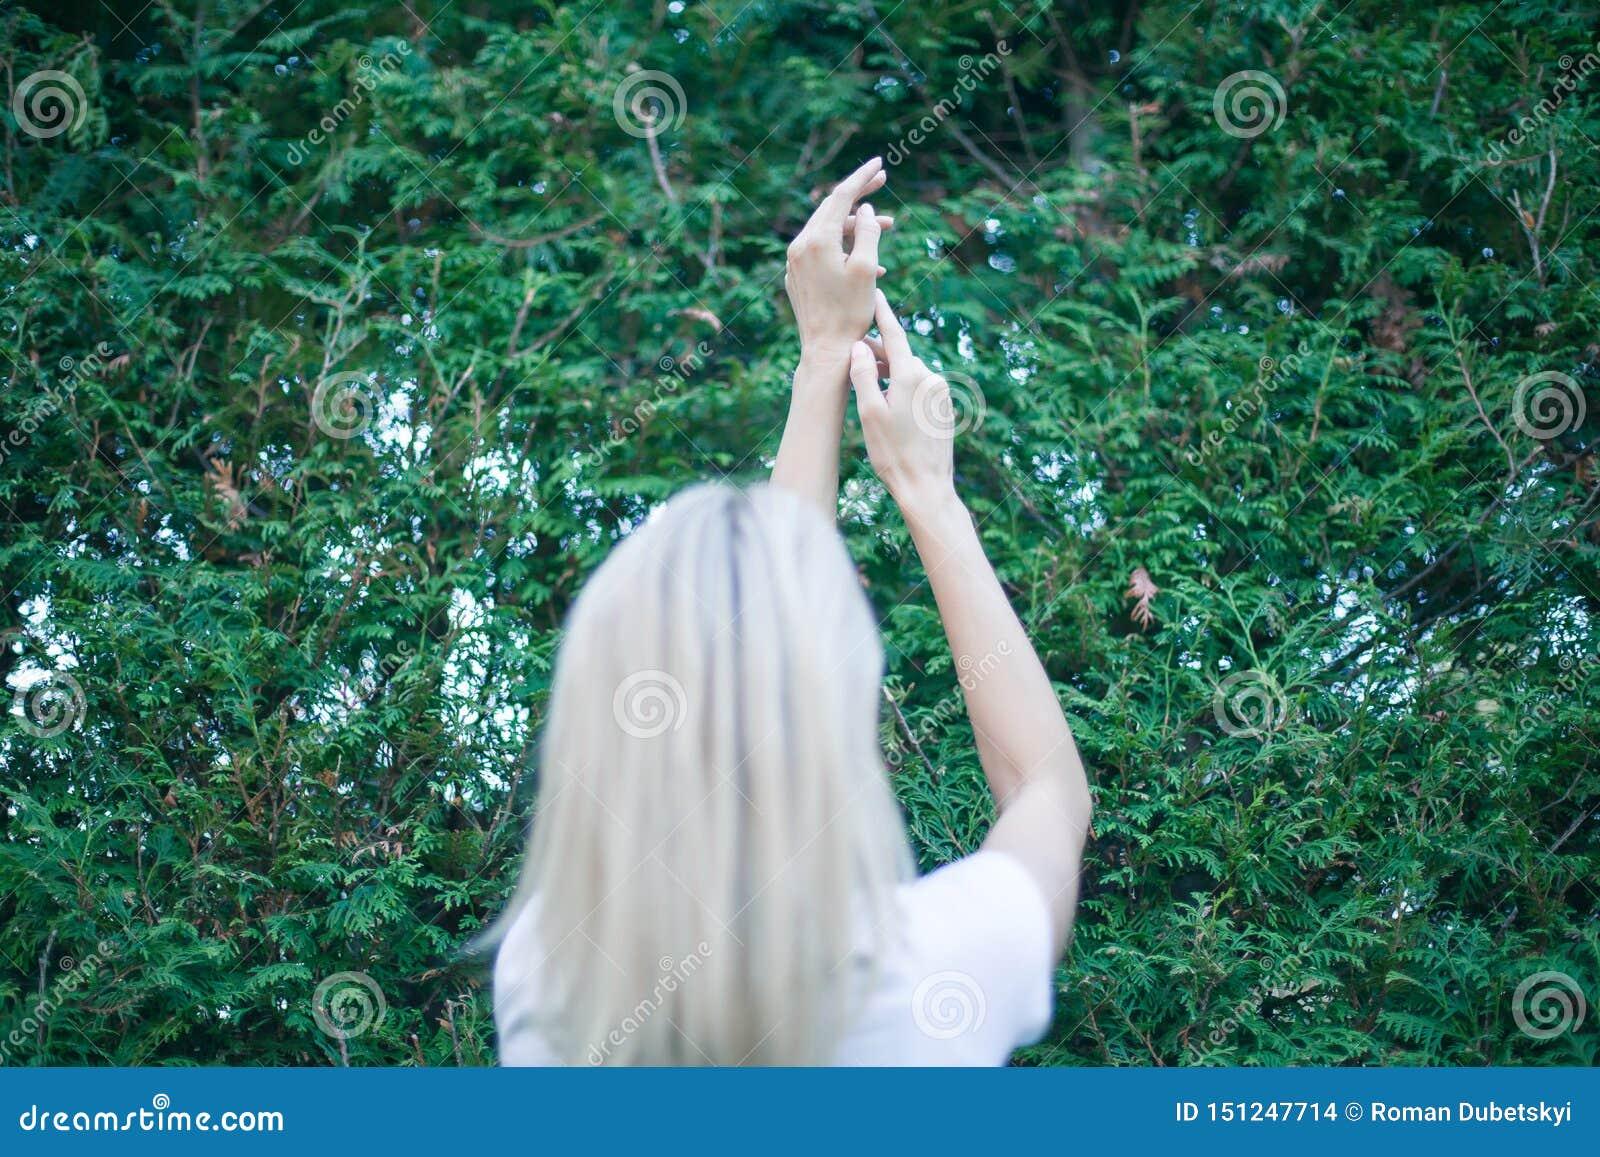 Оружия молодой женщины поднятые до неба, празднуя свободу Положительные человеческие эмоции чувствуя успех восприятия жизни, душе